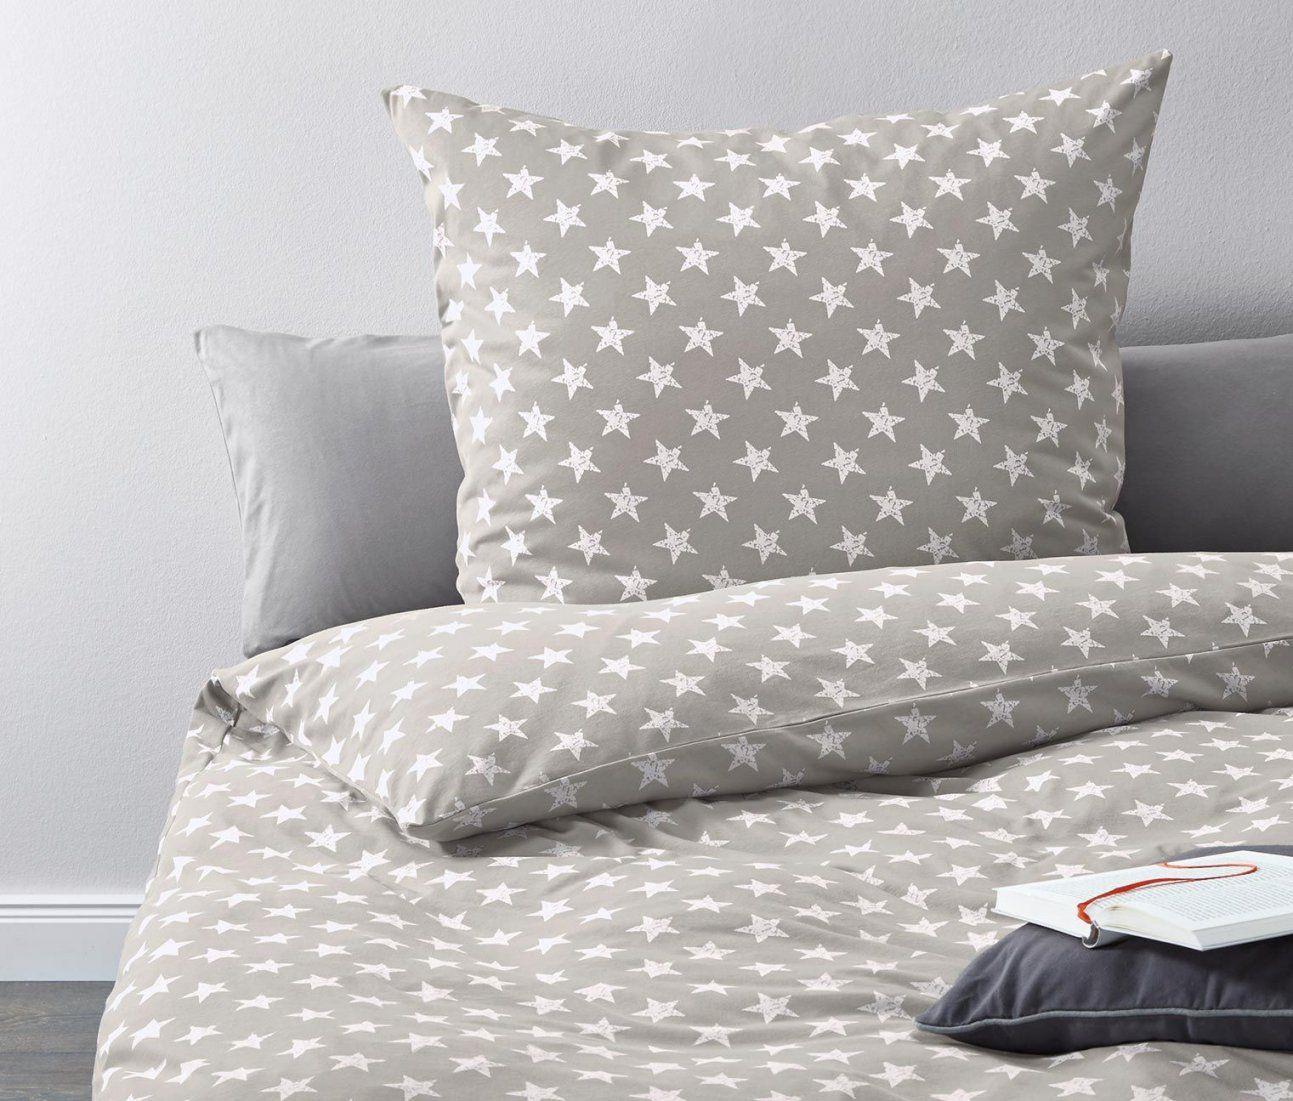 Jerseybettwäsche Grau Mit Sternenprint Online Bestellen Bei von Sternen Bettwäsche Tchibo Photo